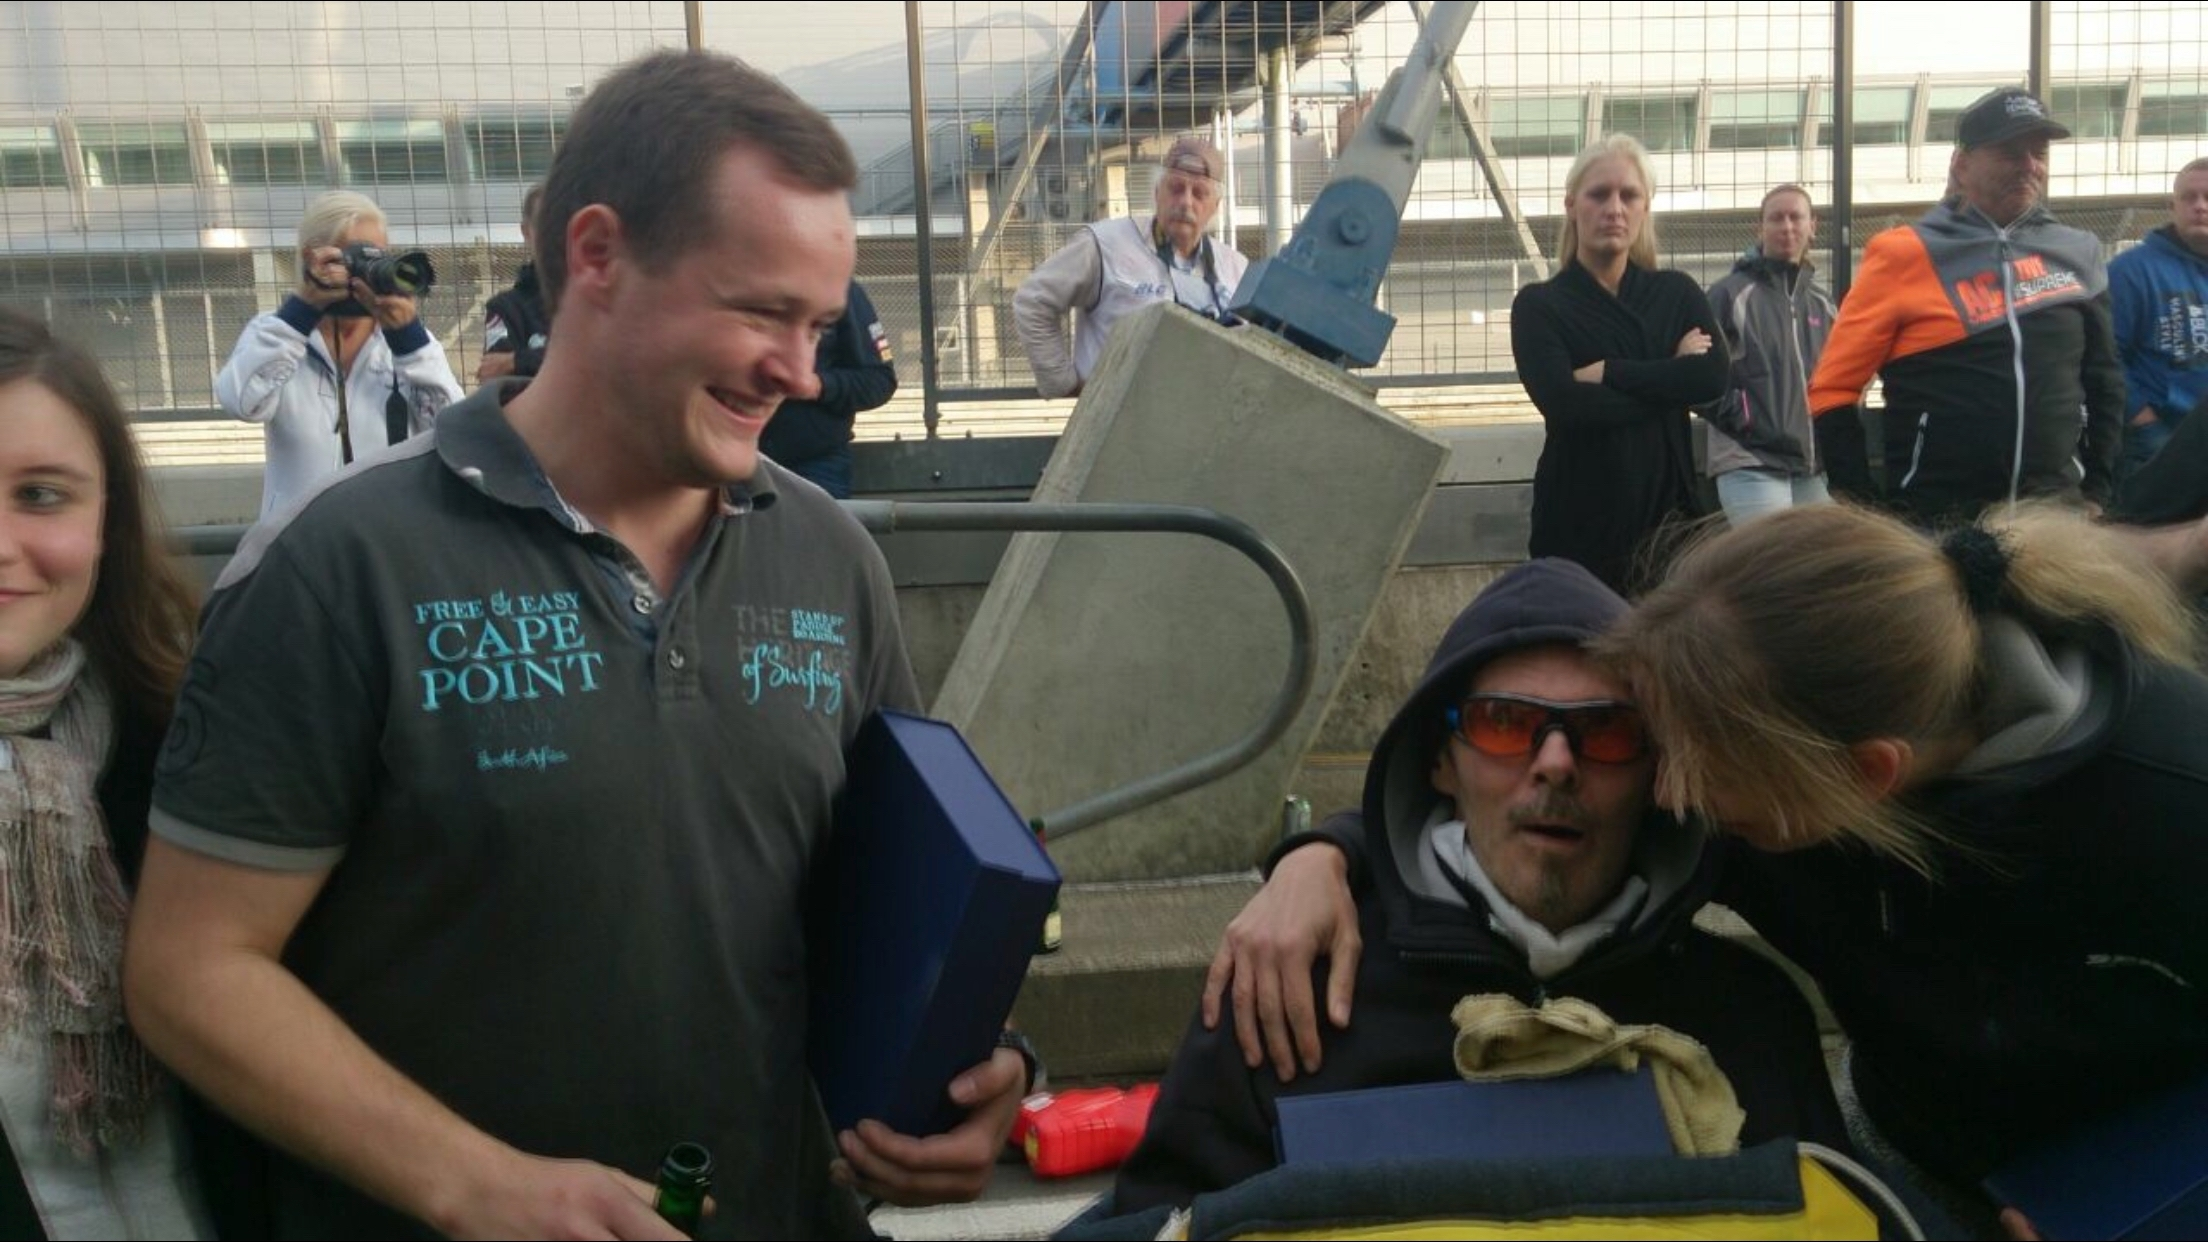 Überraschung: Stefan bekommt Pokale überreicht